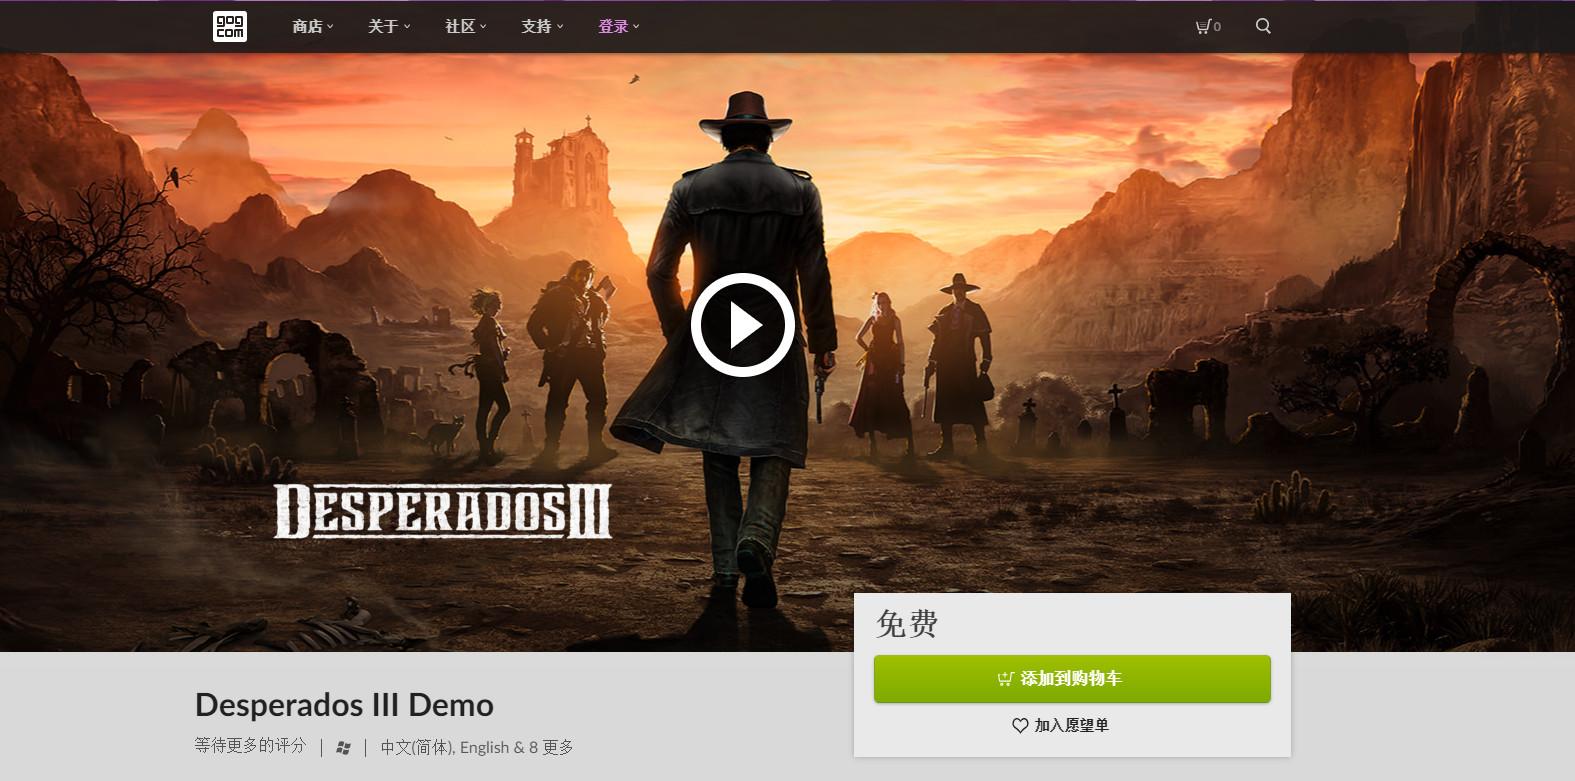 《赏金奇兵3》免费Demo上架GOG 10分钟试玩演示